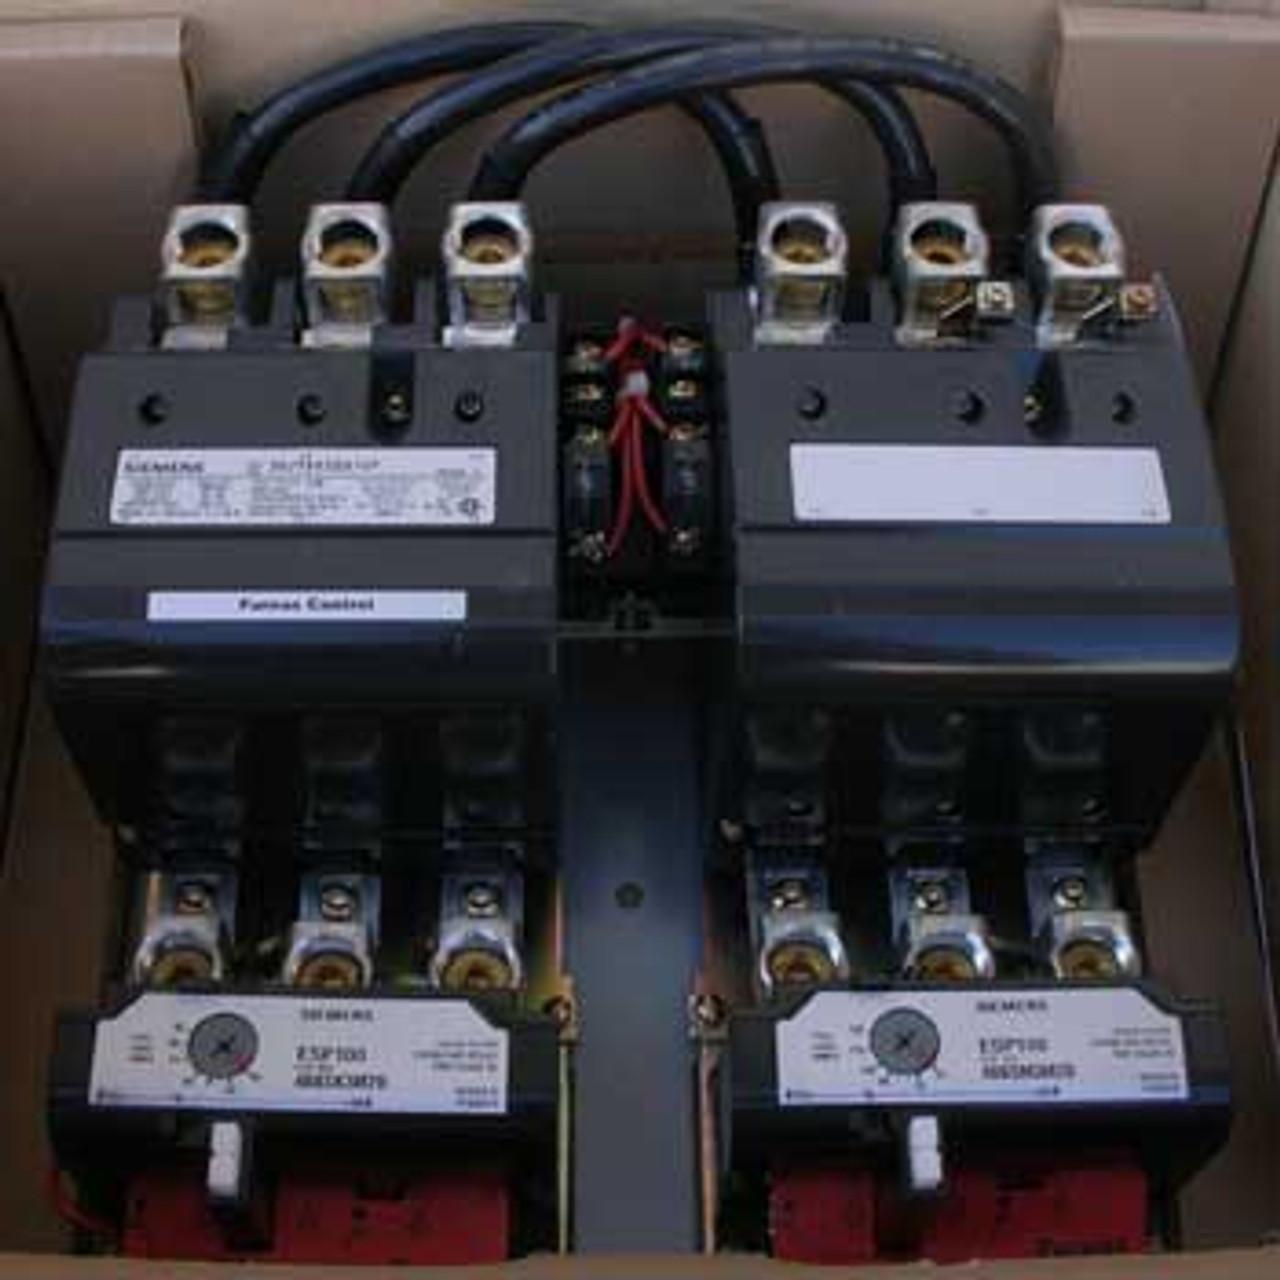 Siemens 30JTMK32A1VF NEMA Size 4 Two Speed Magnetic Starter 120V - New